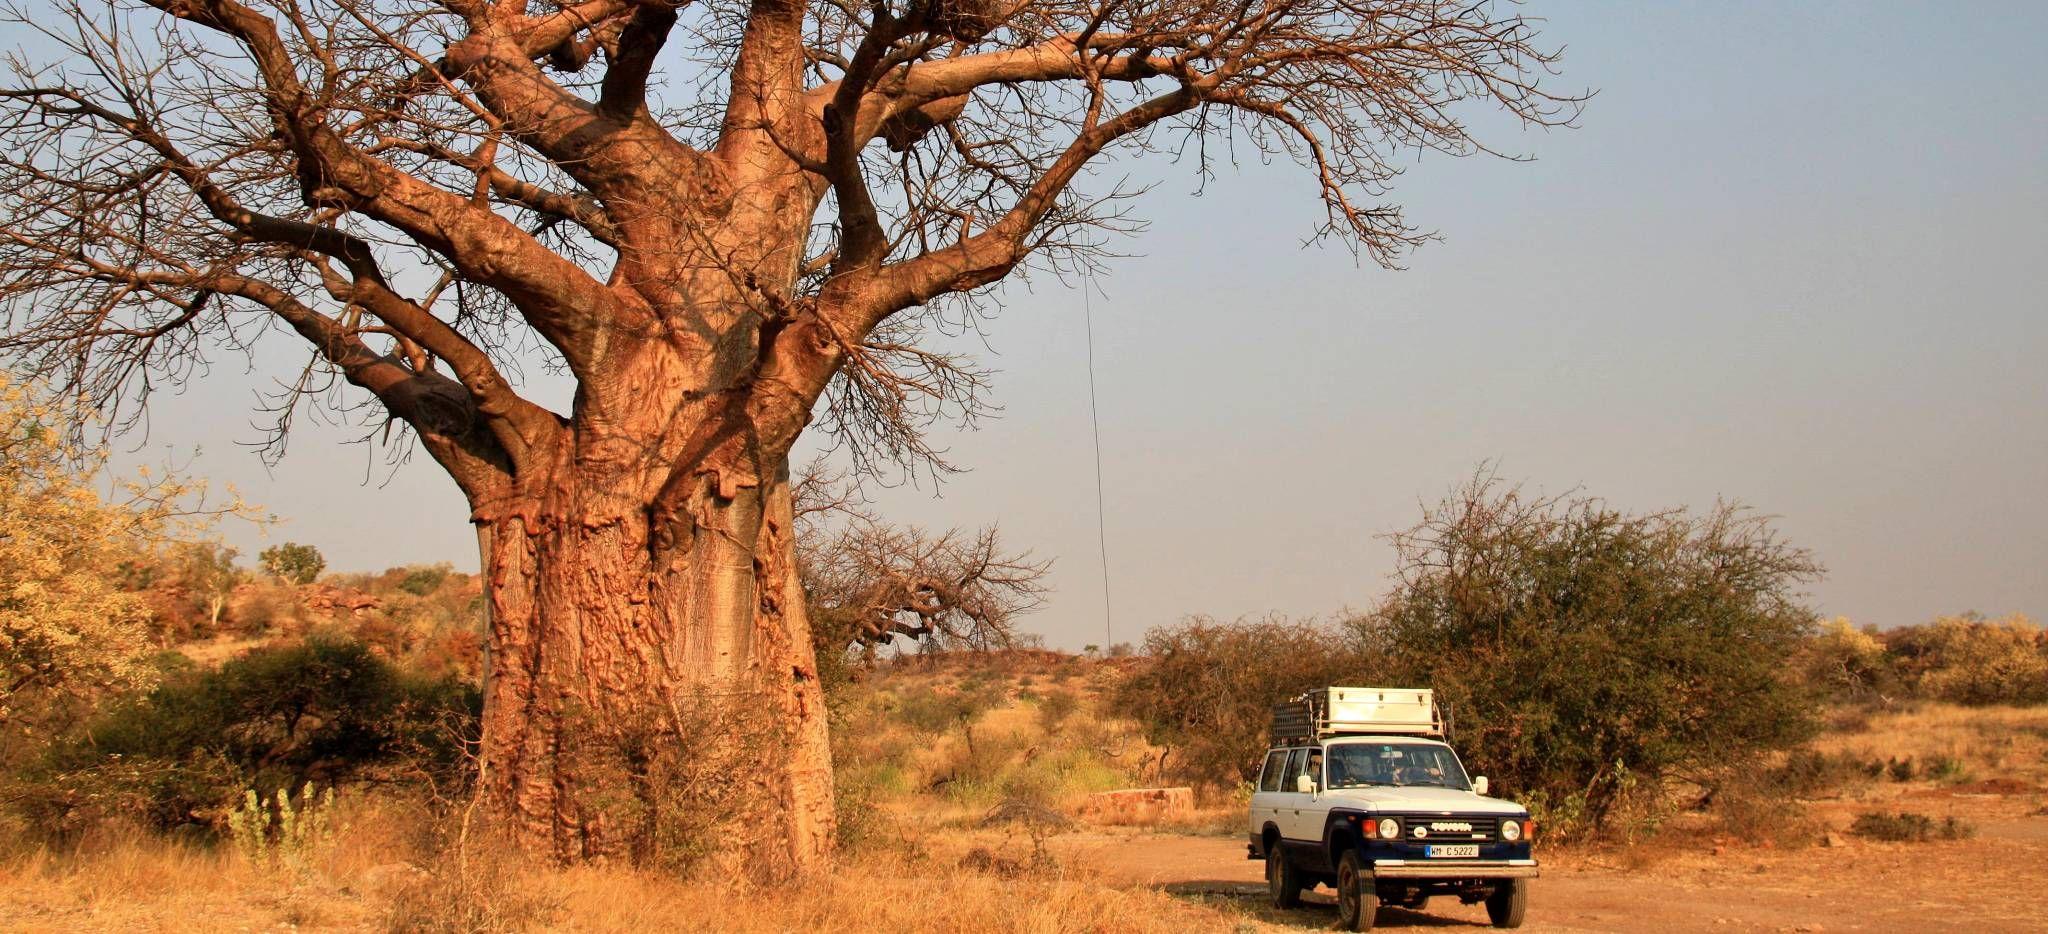 Touristen in einem Safari-Jeep betrachten einen riesigen, verzweigten Baum in der Savanne von Südafrika